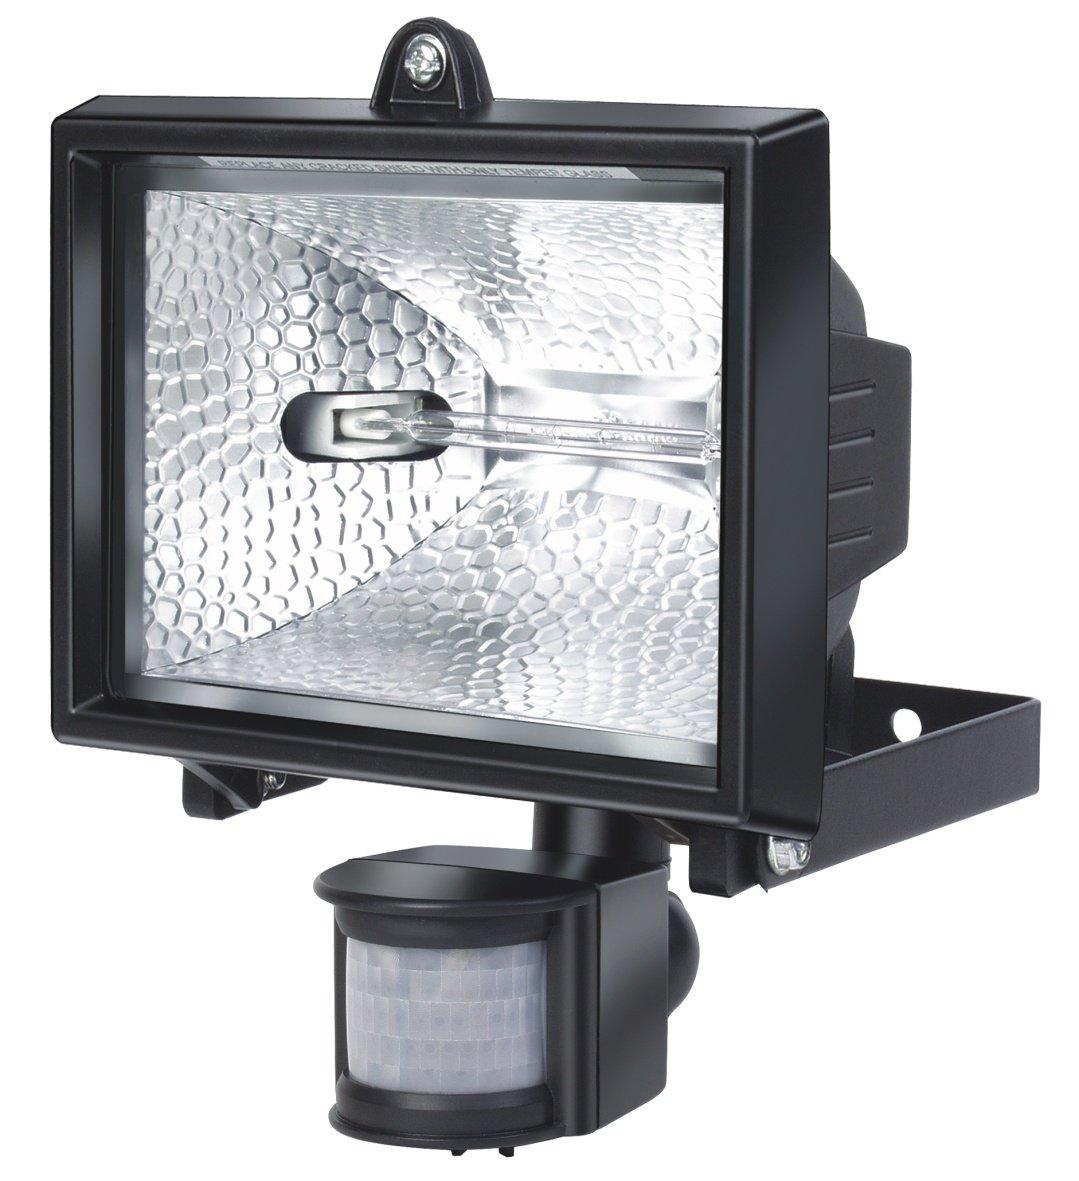 Farbe Flutlicht ideal als Baustrahler Brennenstuhl Halogenstrahler mit Infrarot-Bewegungsmelder schwarz Au/ßenstrahler IP44 gepr/üft, 400 Watt